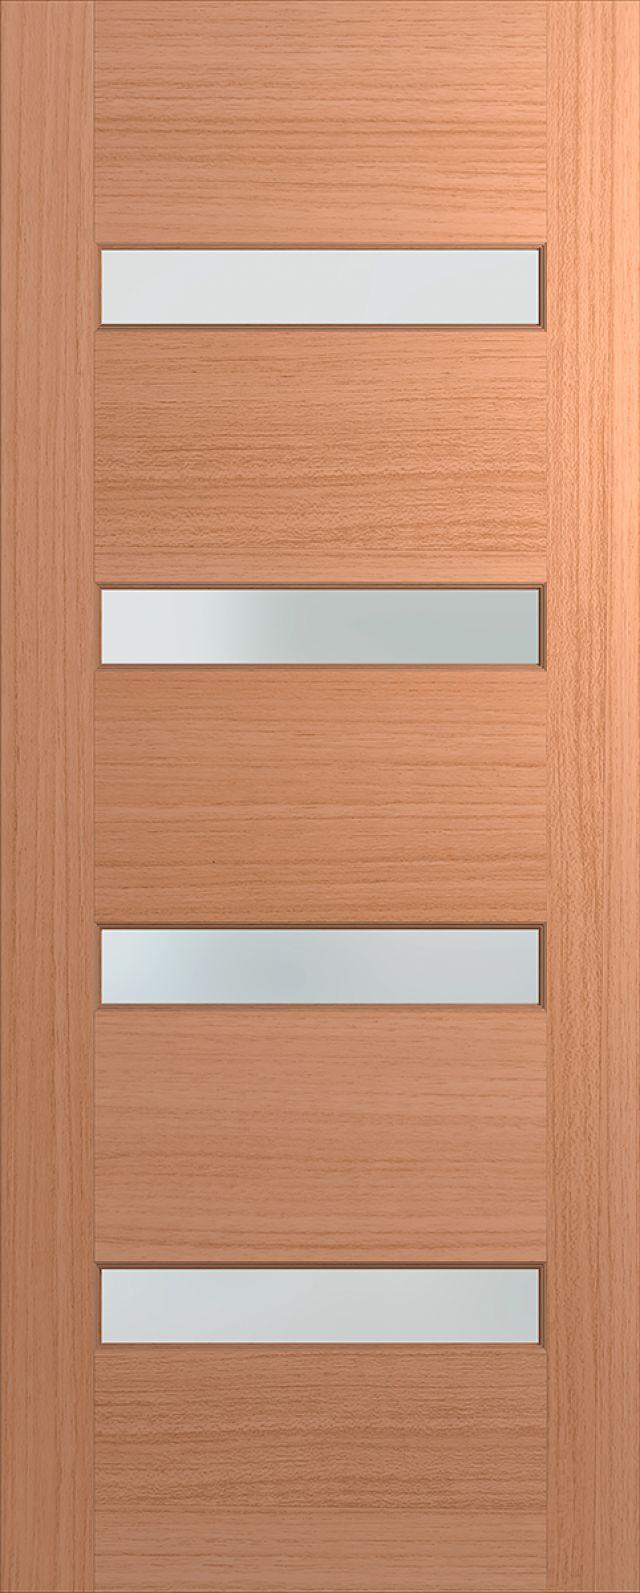 XS11 & XS11 | Savoy 820 | Hume Doors